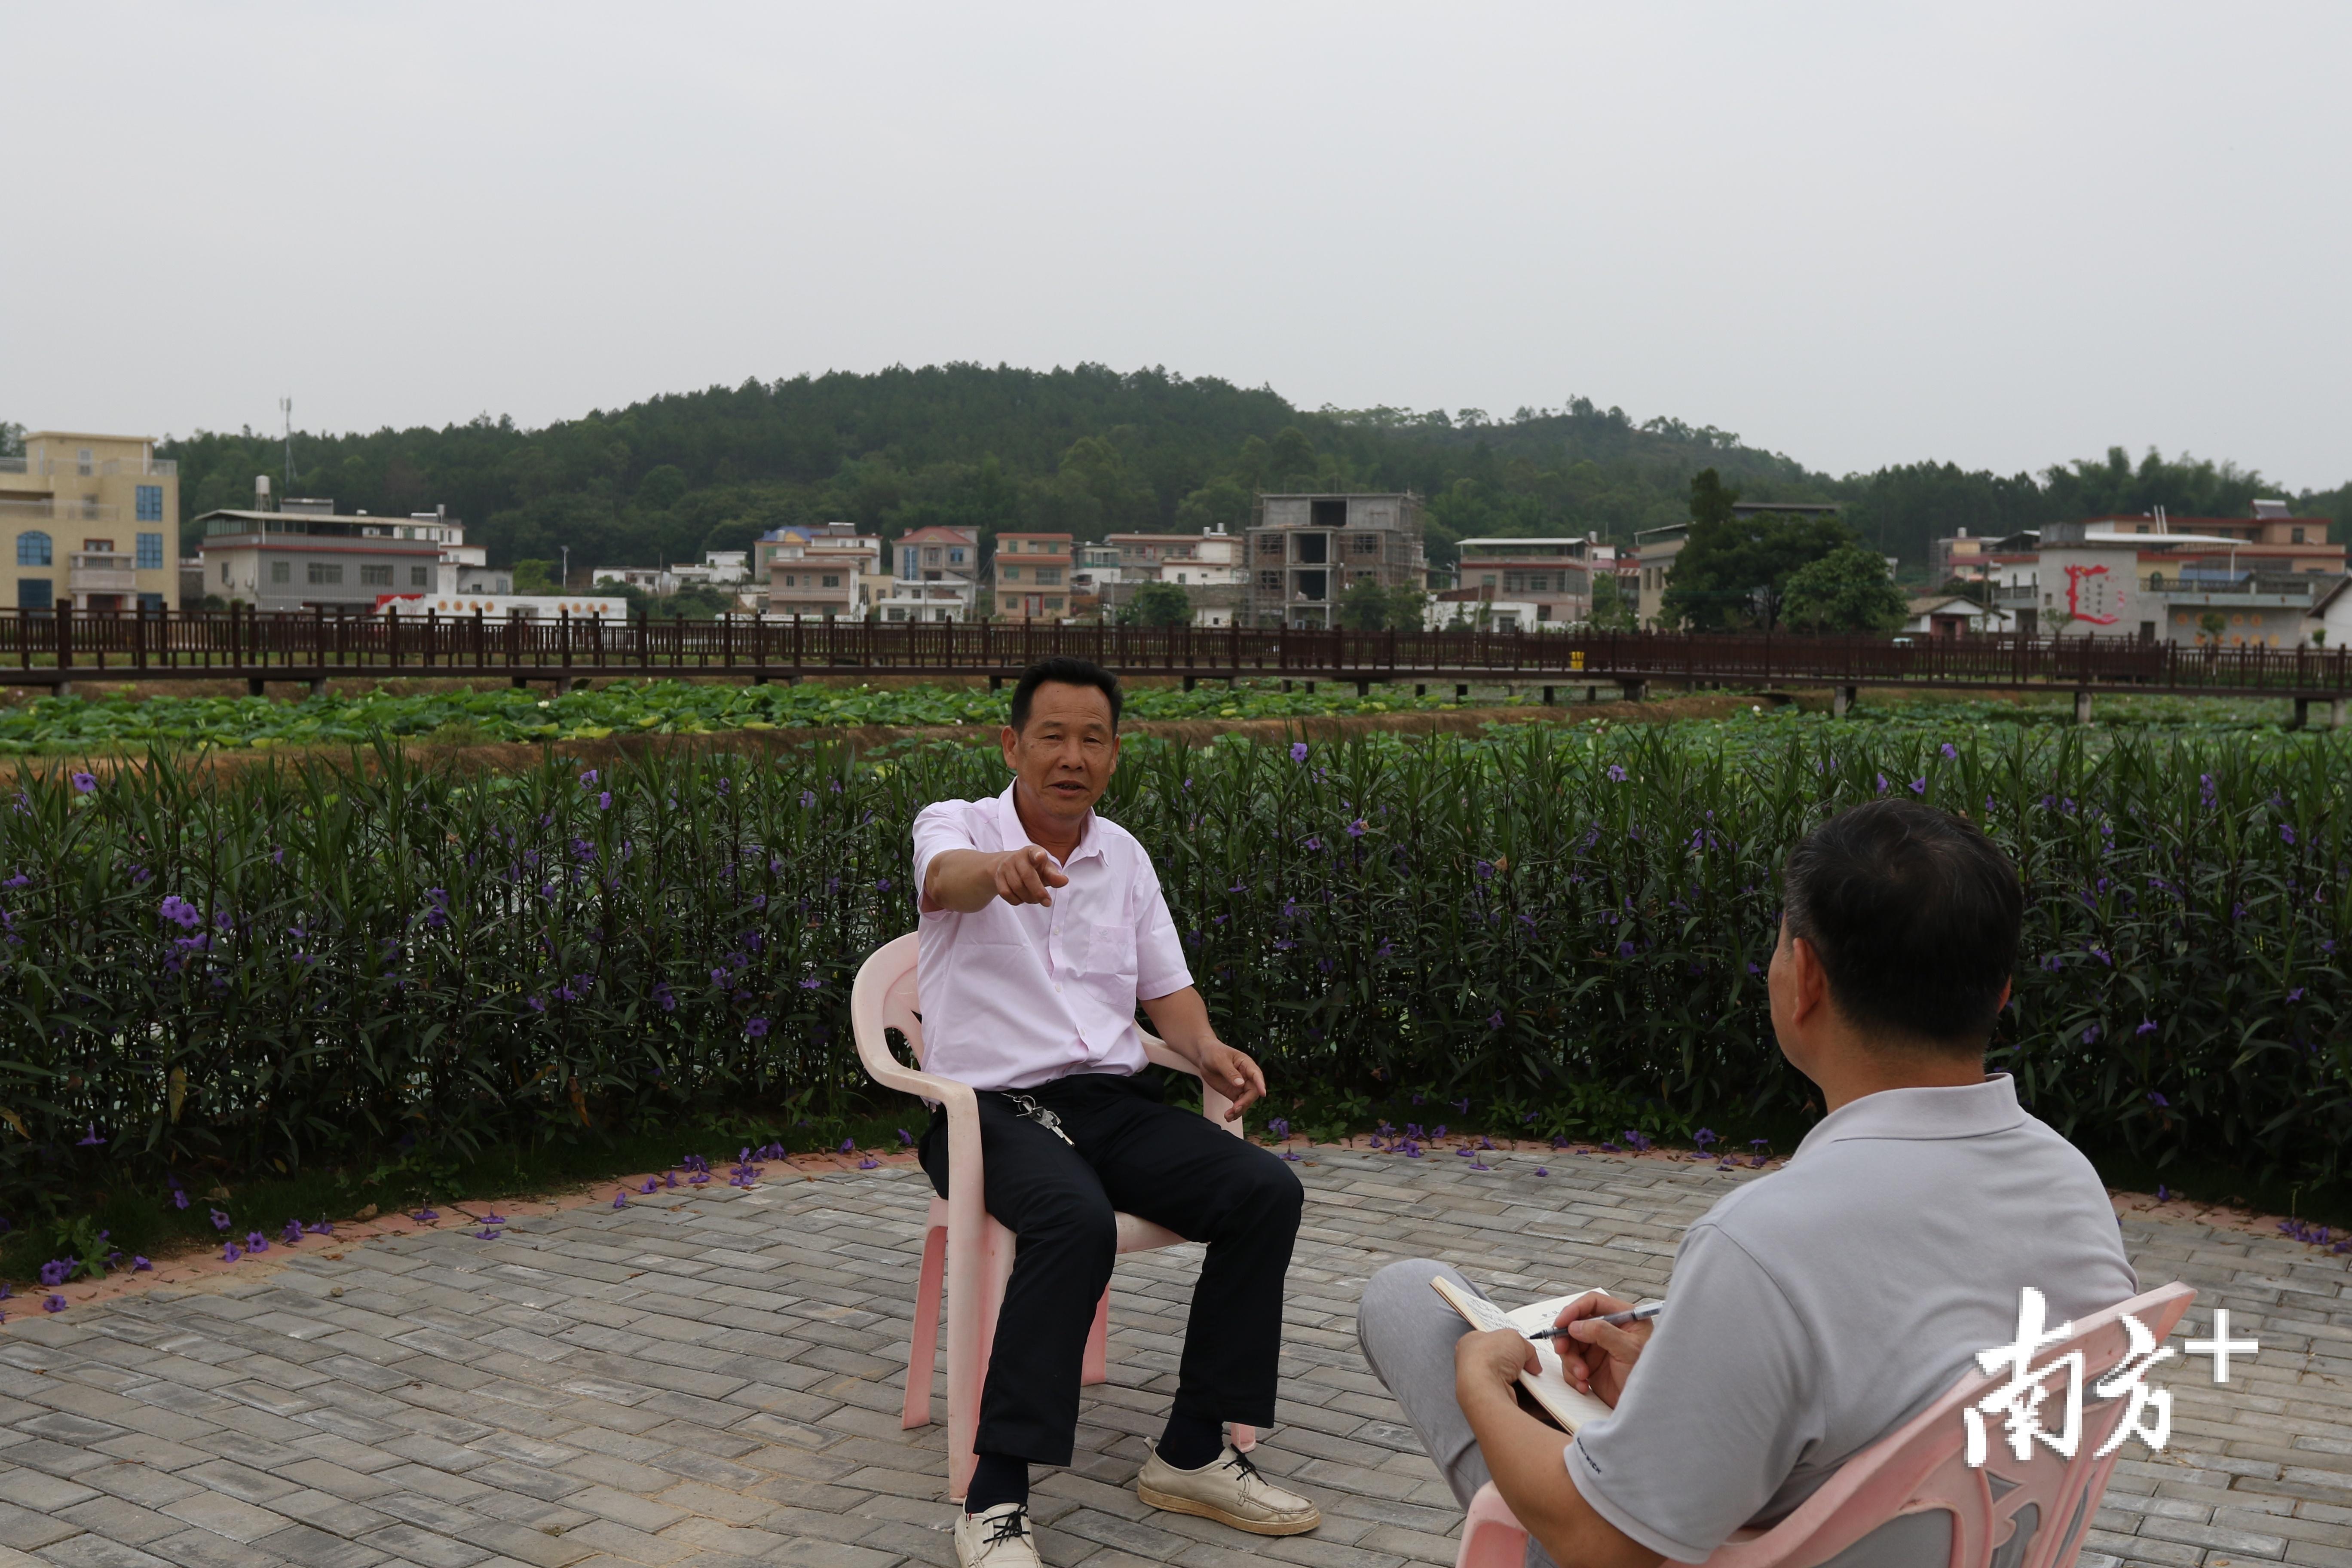 石源村支部书记黄志银向记者介绍情况。